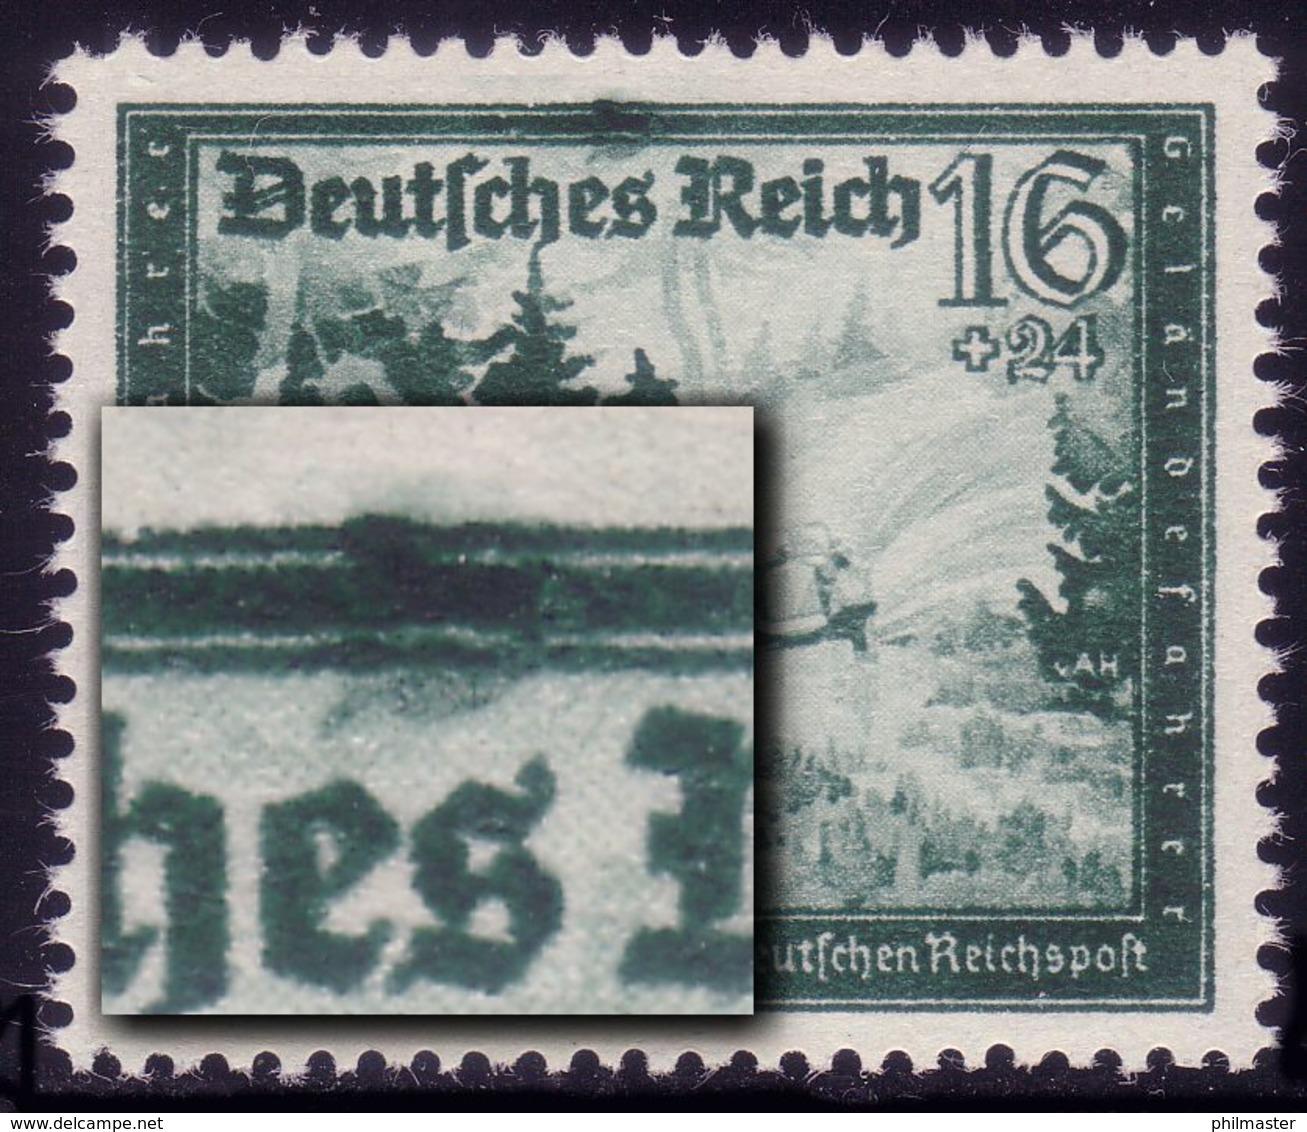 891II Reichspost 16 Pf: Dunkler Fleck über Es, Feld 37, ** - Abarten